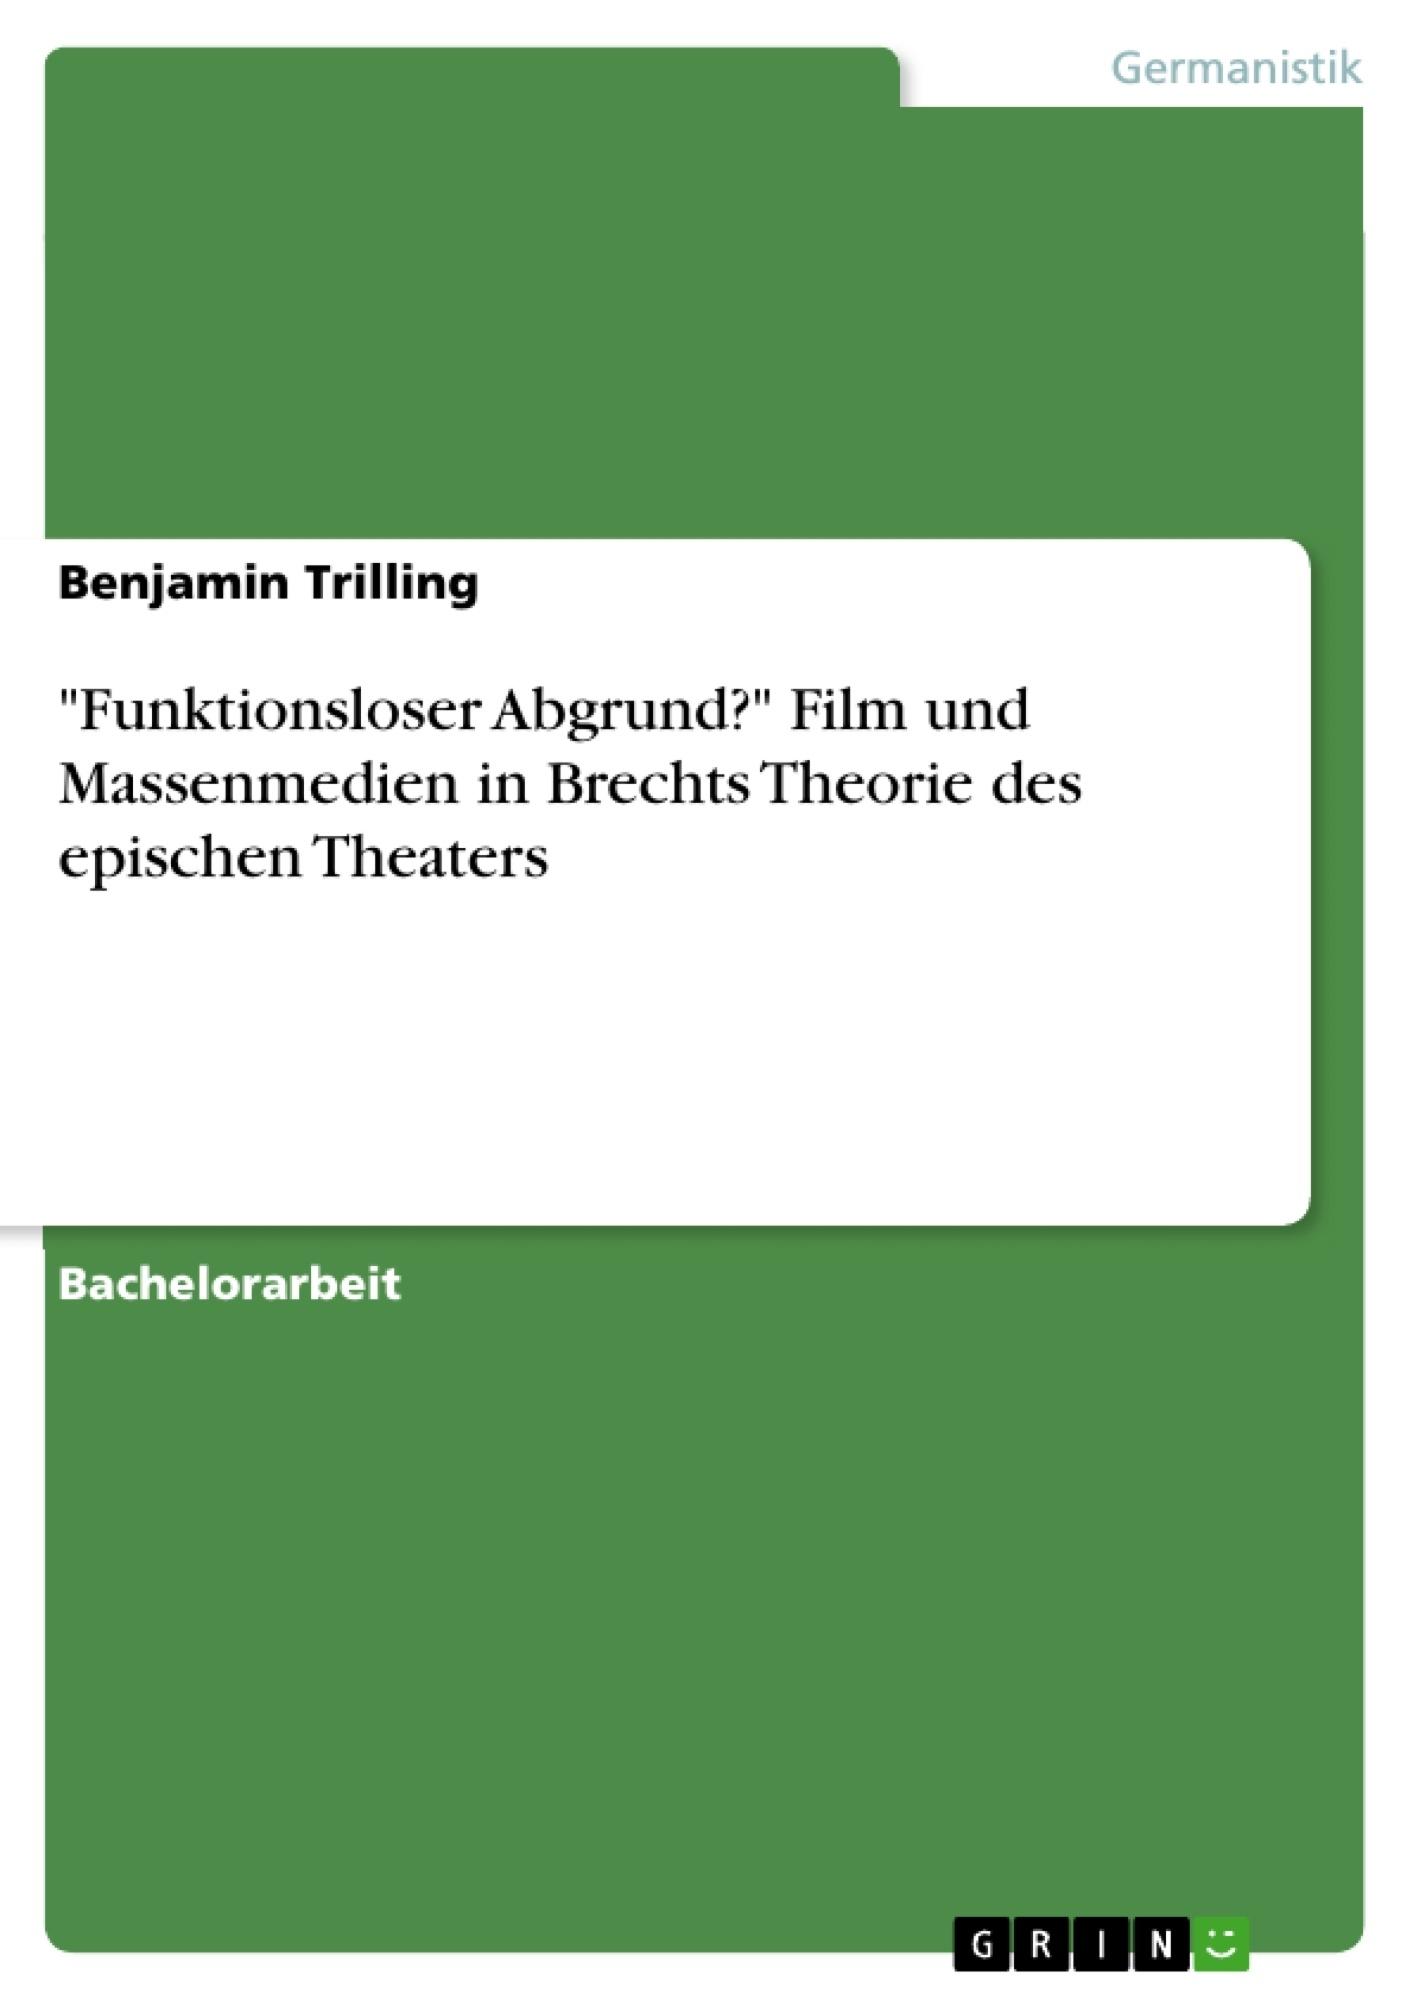 """Titel: """"Funktionsloser Abgrund?"""" Film und Massenmedien in Brechts Theorie des epischen Theaters"""